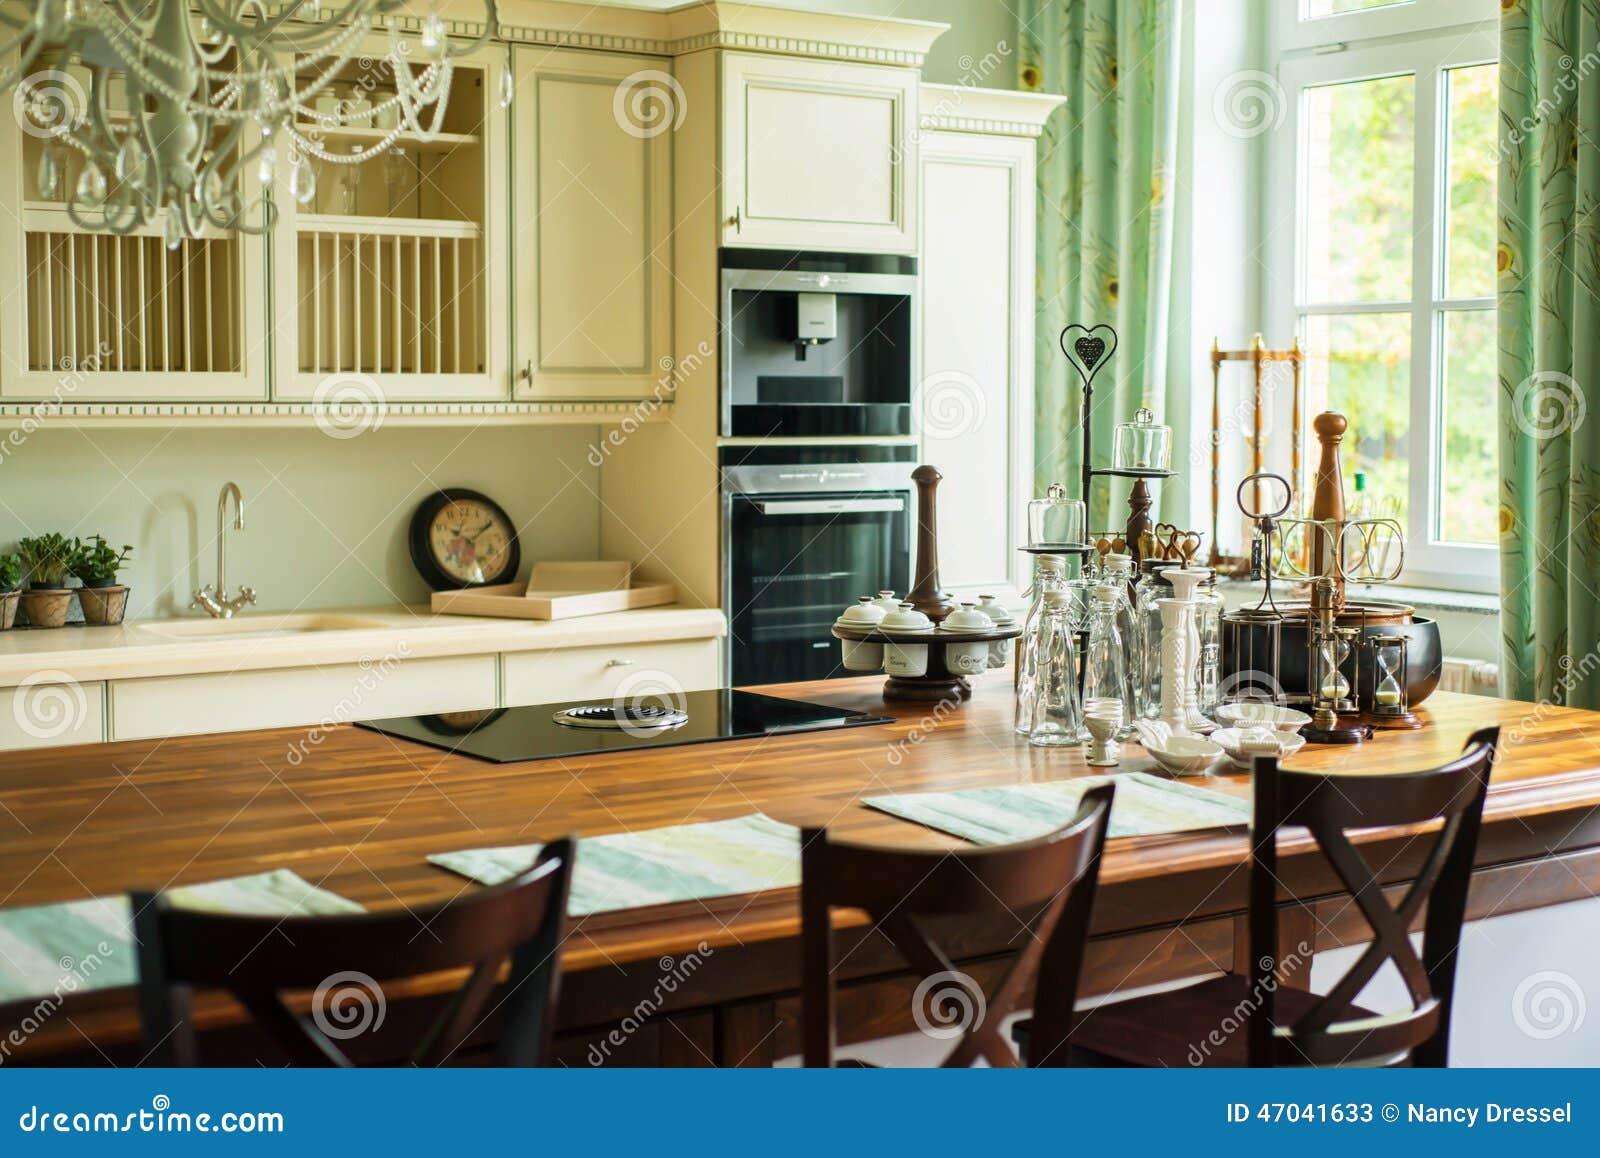 Neue Moderne Küche In Im Altem Stil Stockbild - Bild von ...